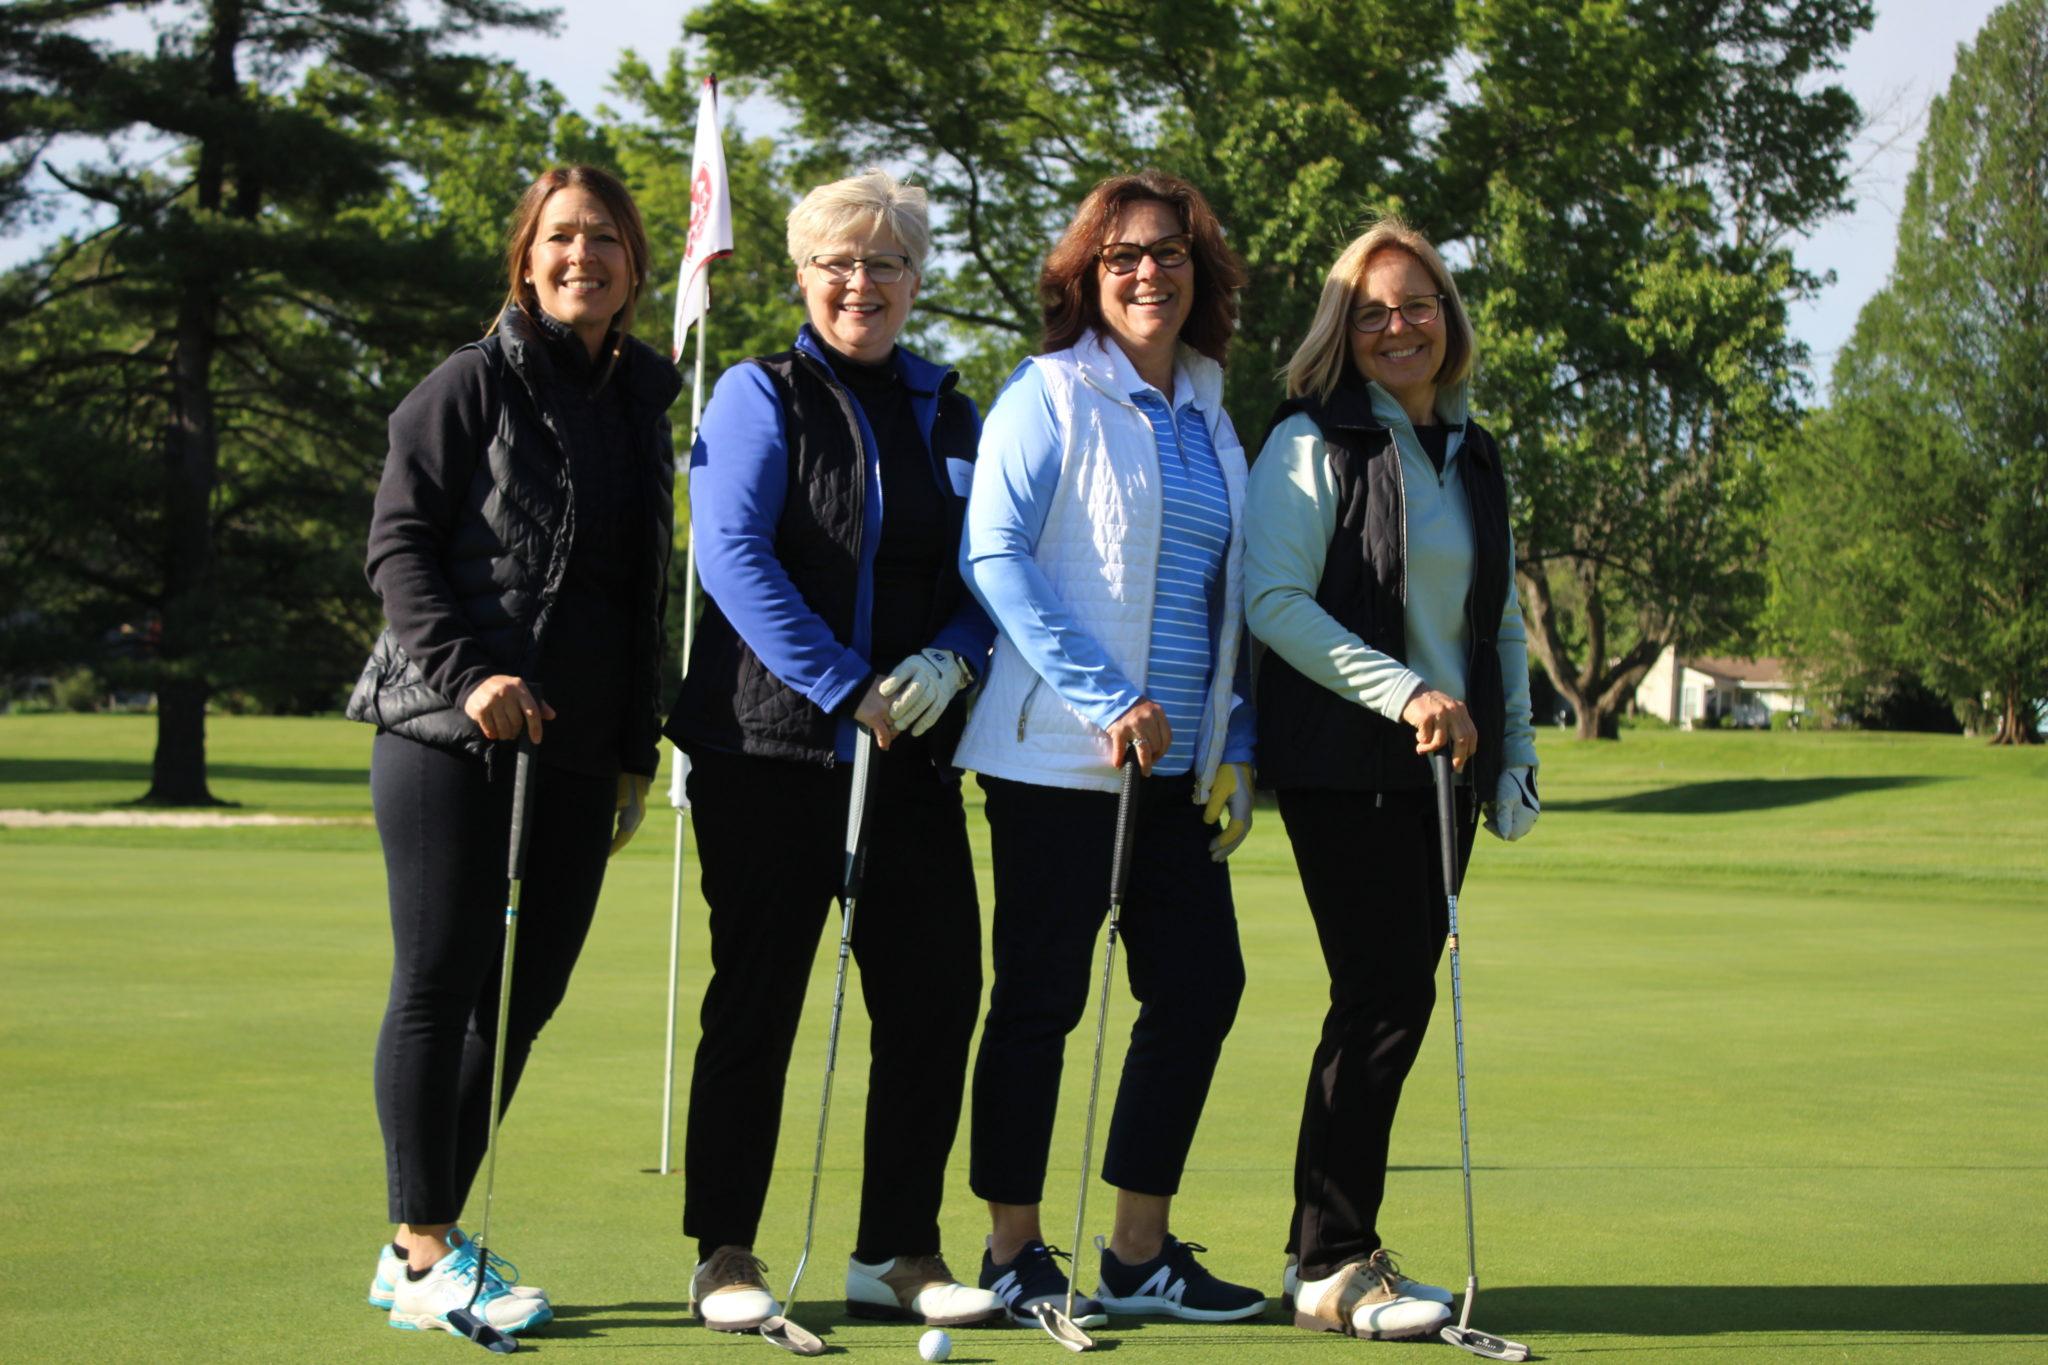 4 women golfers